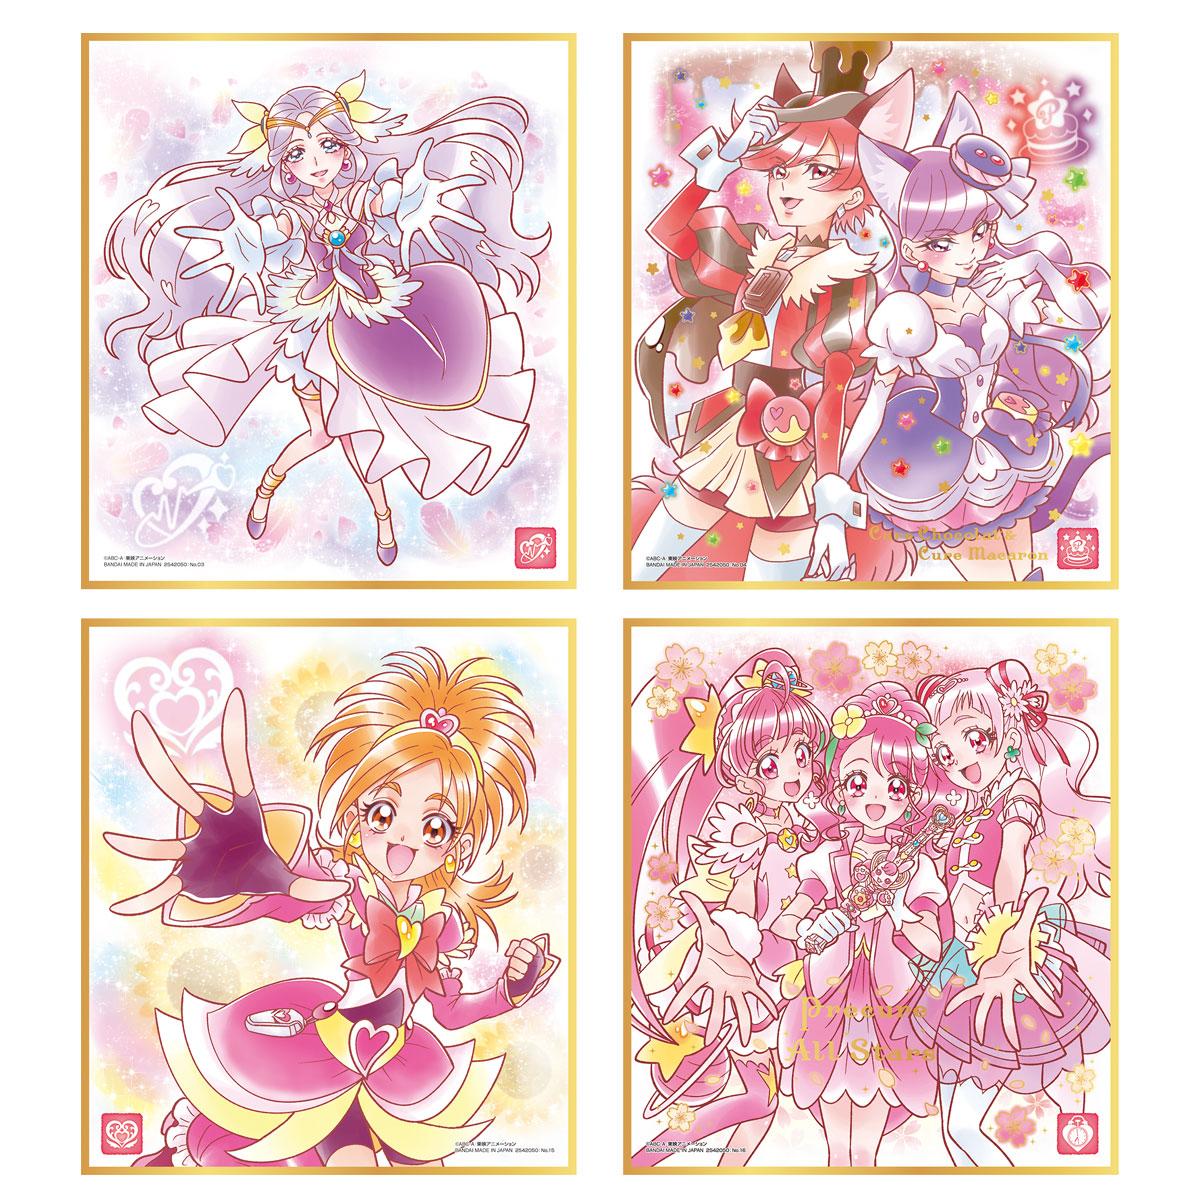 【食玩】プリキュア『プリキュア 色紙ART3』10個入りBOX-001